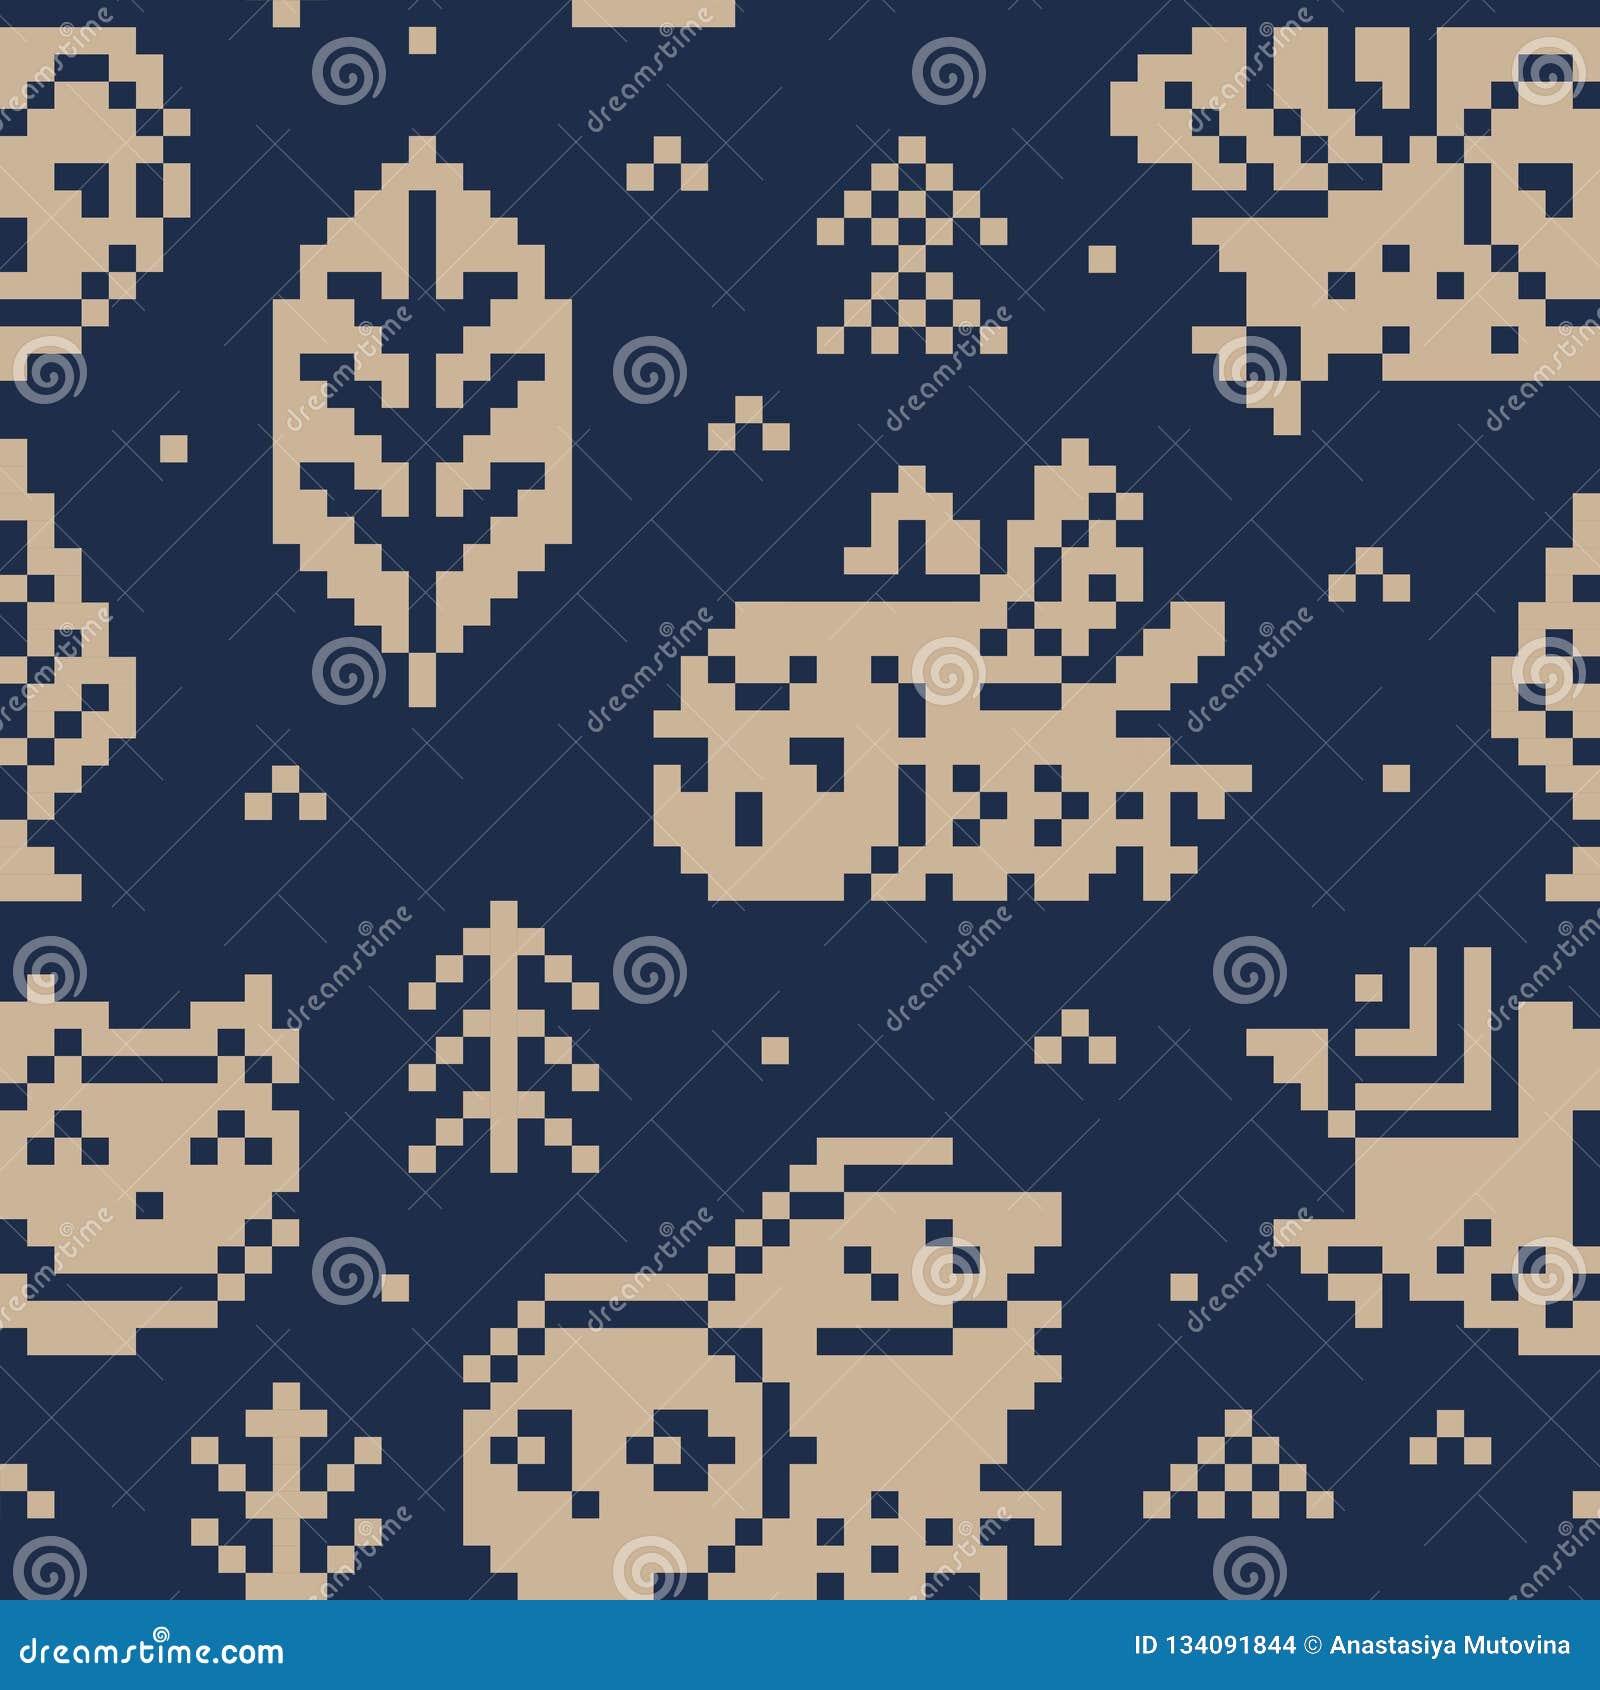 d79a17cbec7194 Fair isle christmas print with owls vector illustration stock jpg 1600x1689 Fair  isle pattern print